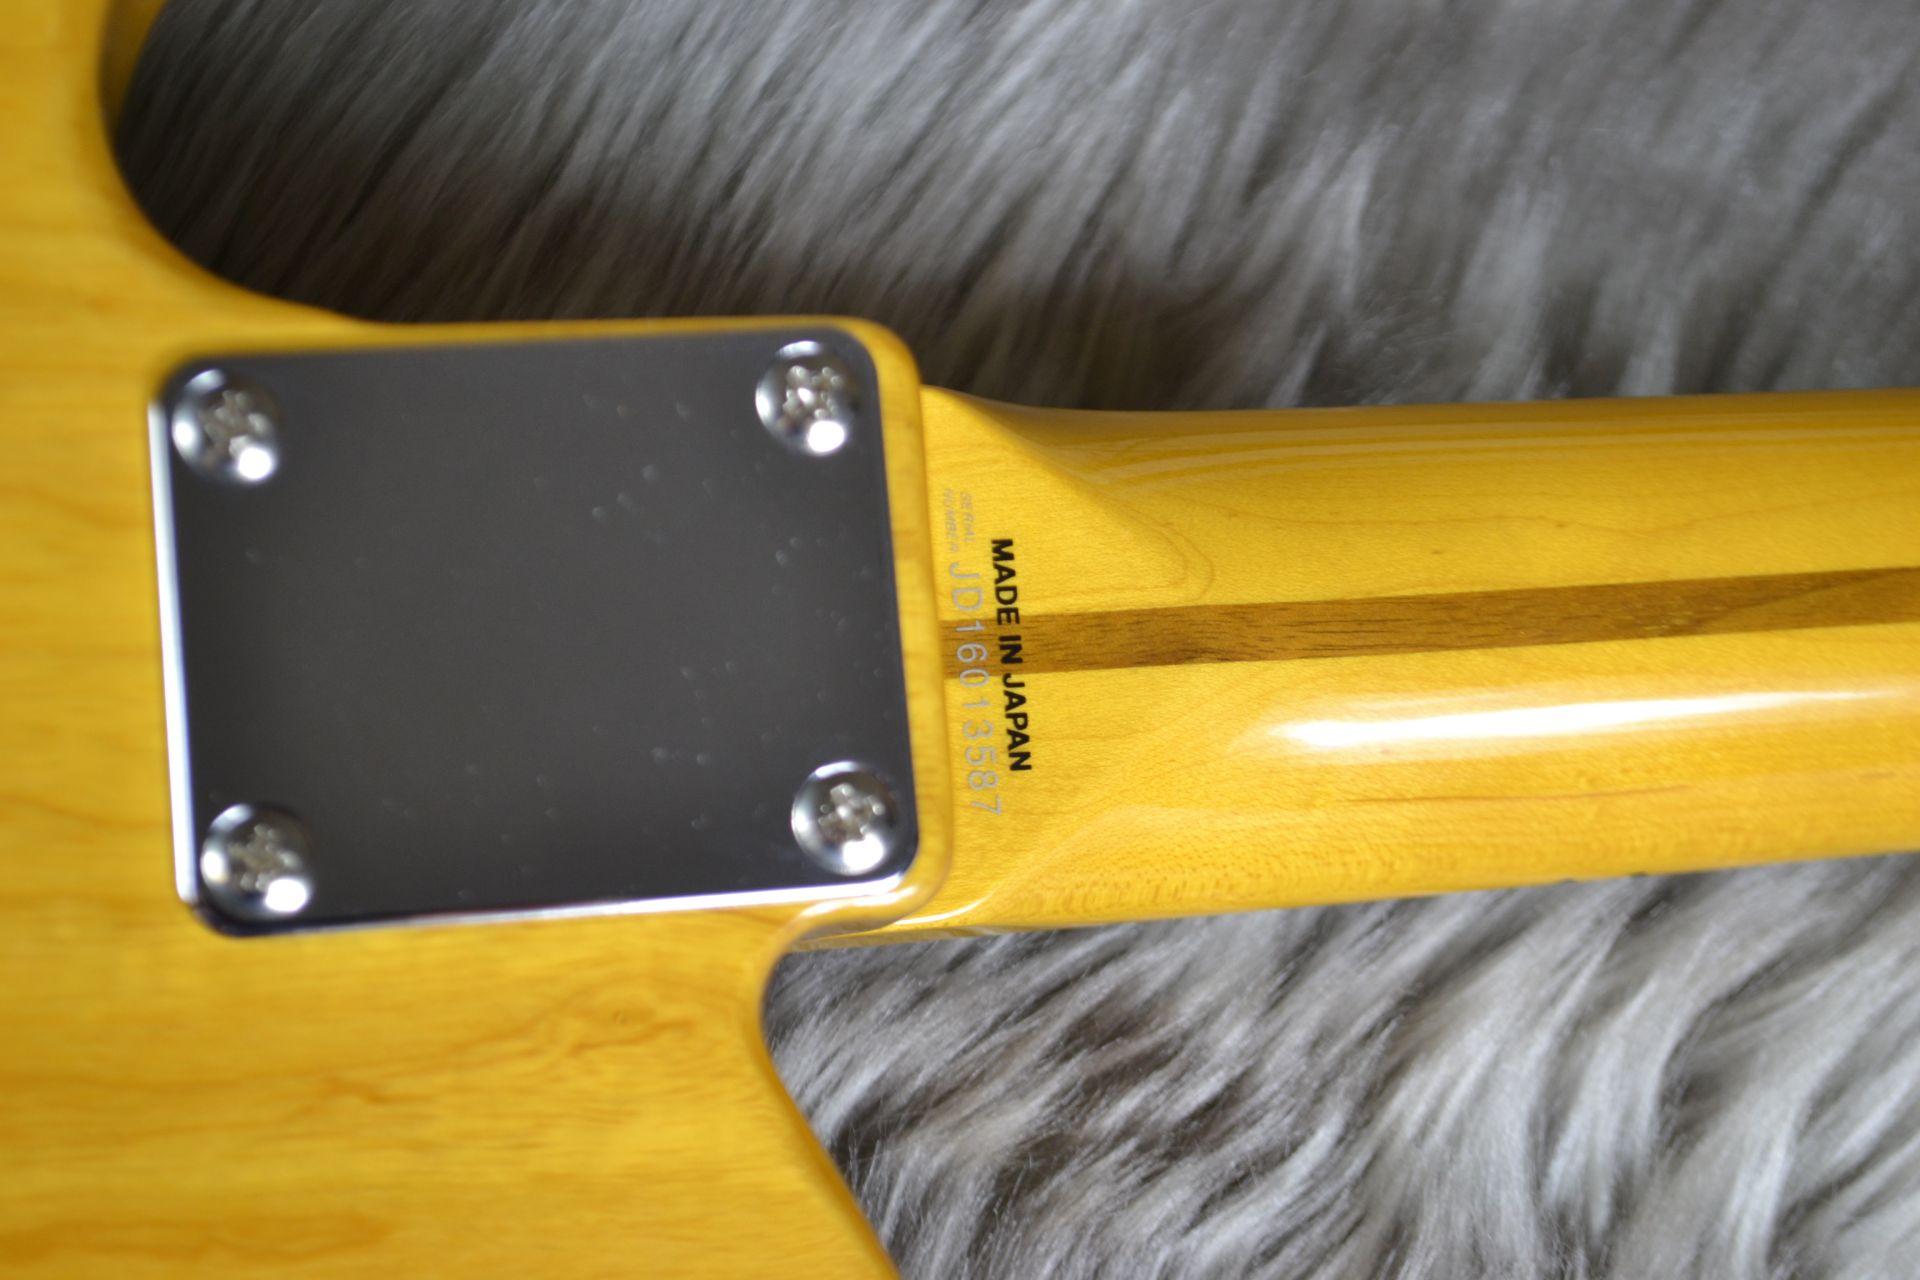 JP EX CL 50S TLのヘッド裏-アップ画像